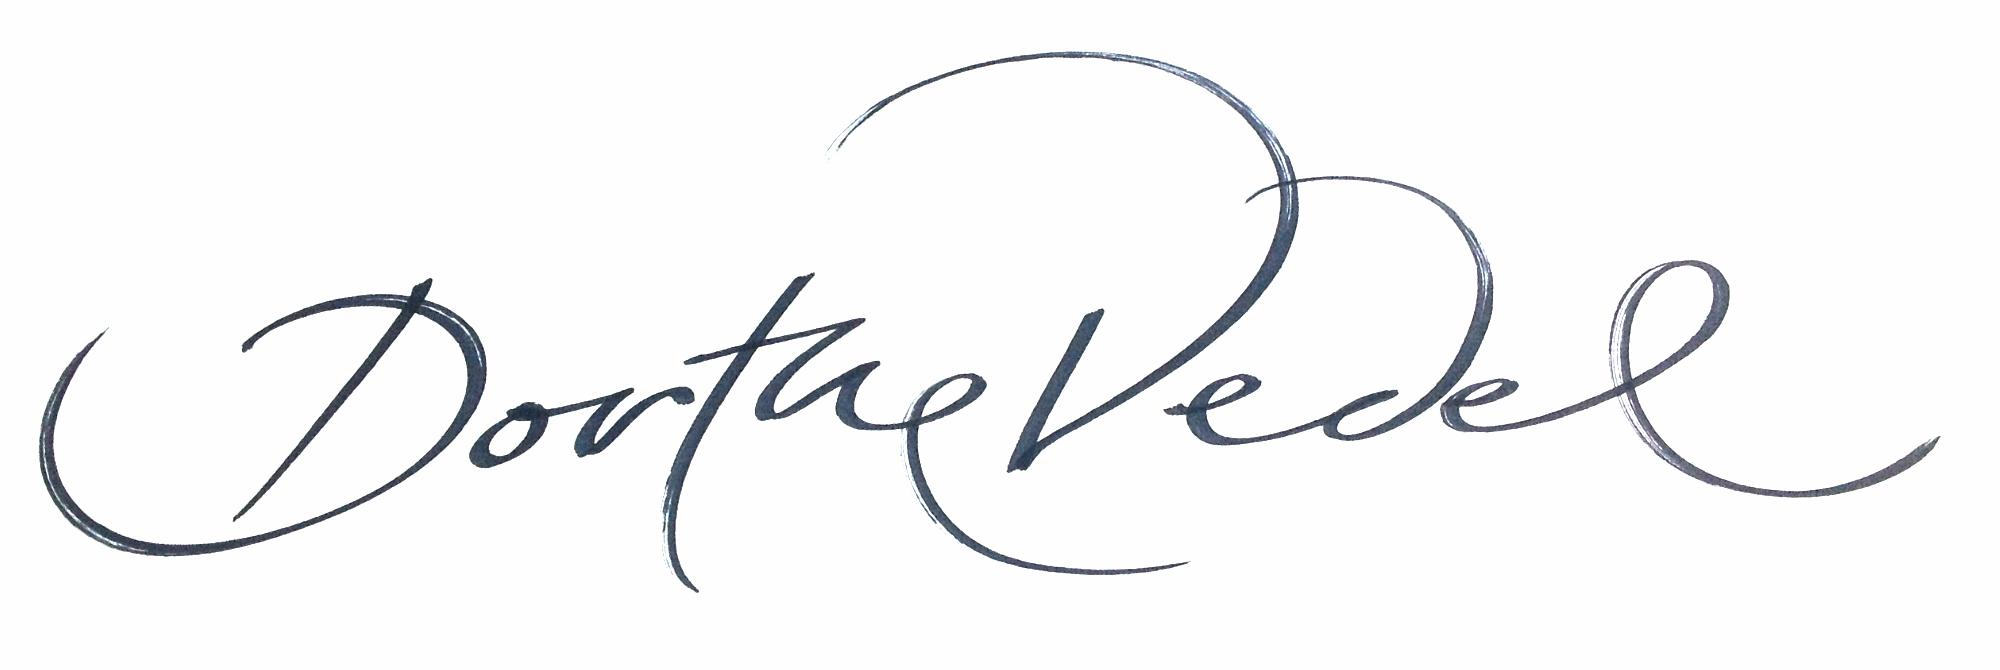 Dorthe Vedel logo